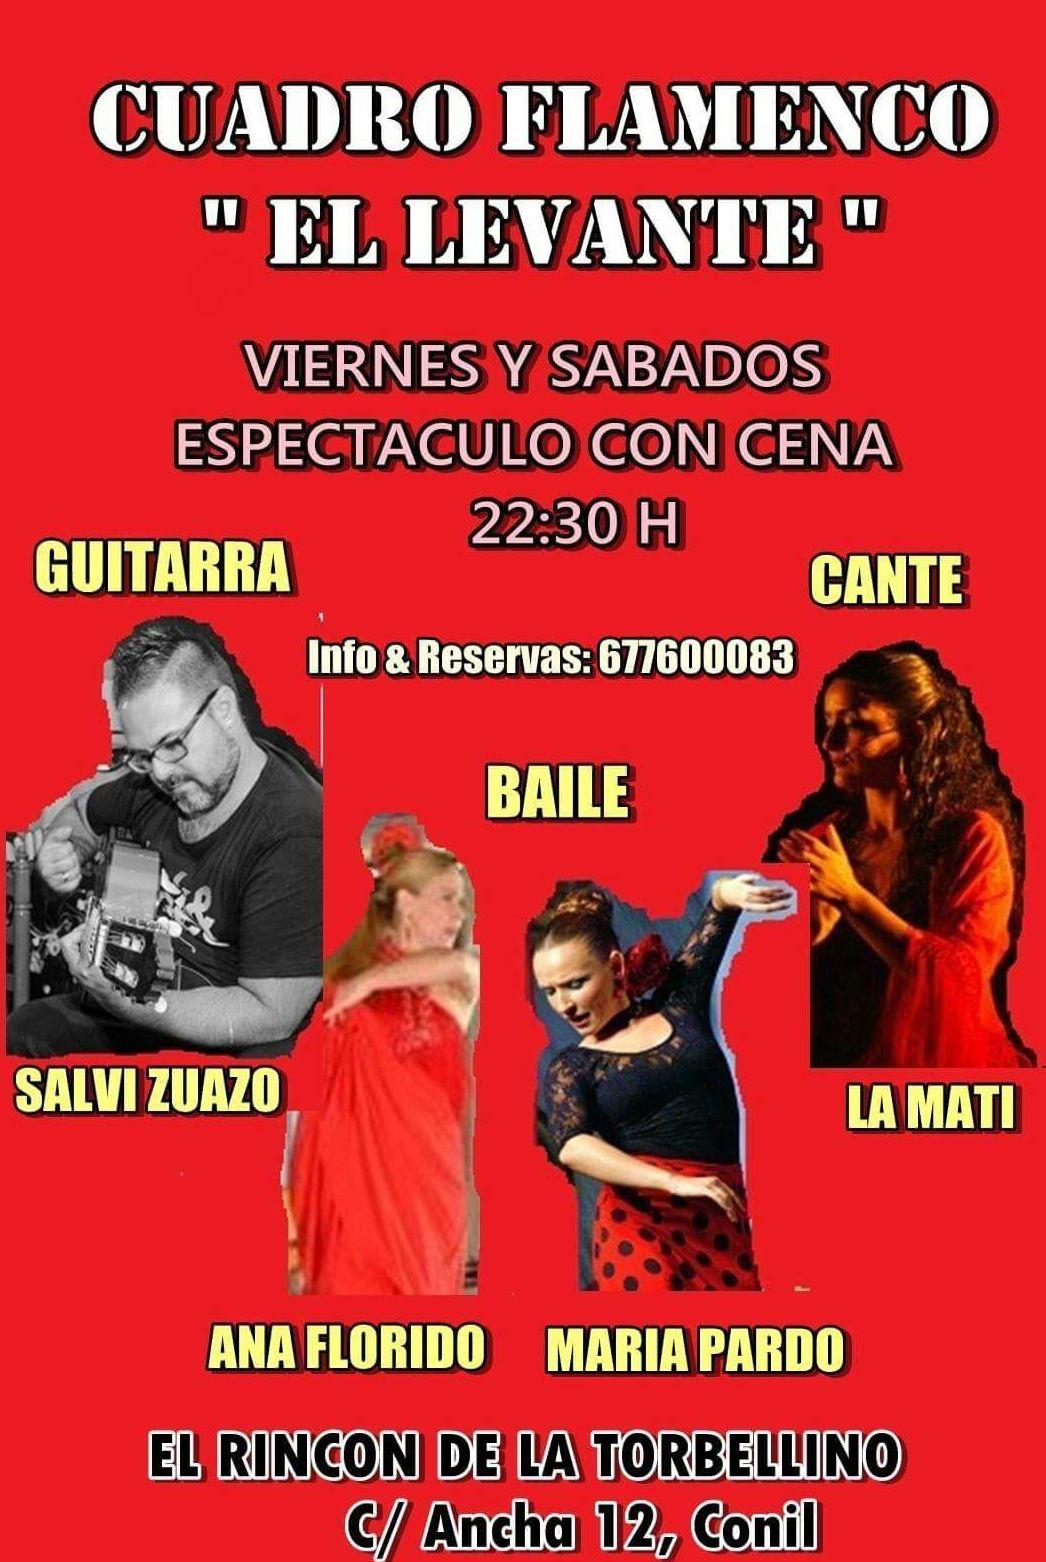 Cuadro Flamenco Más espectáculo Precios: Artistas de El Rincón de La Torbellino